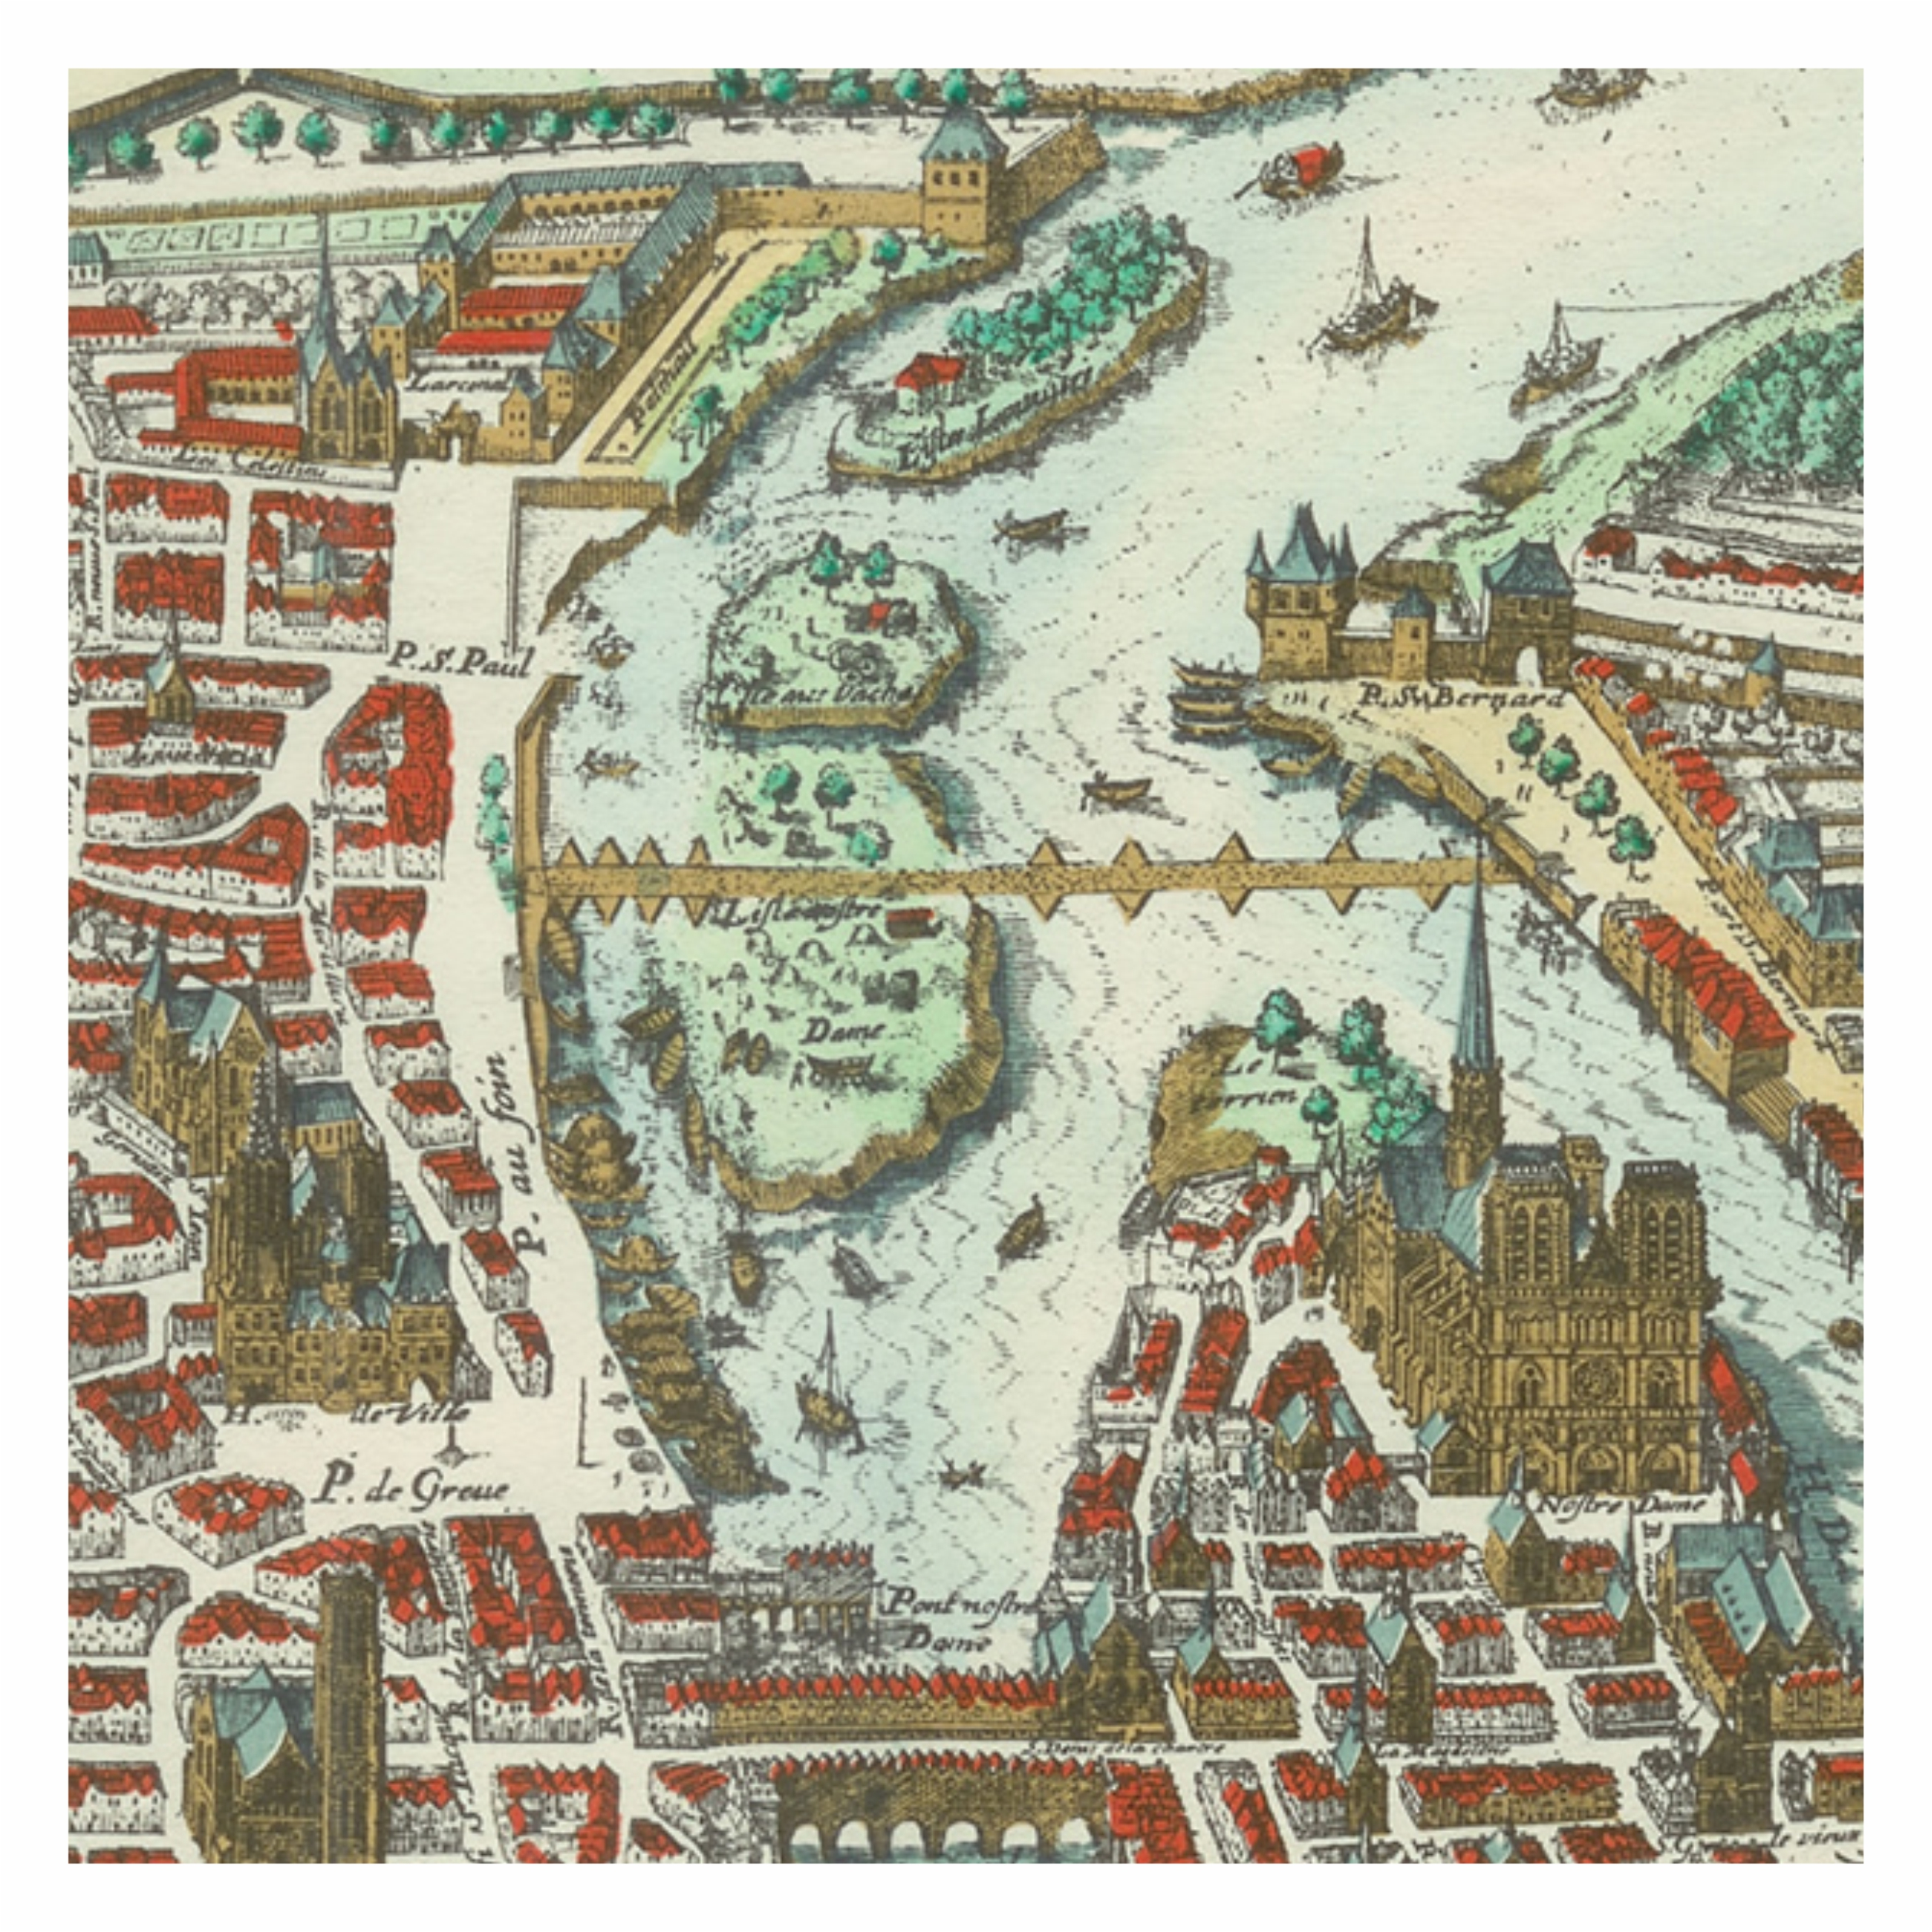 L 39 le saint louis atlas historique de paris - Ile saint louis histoire ...